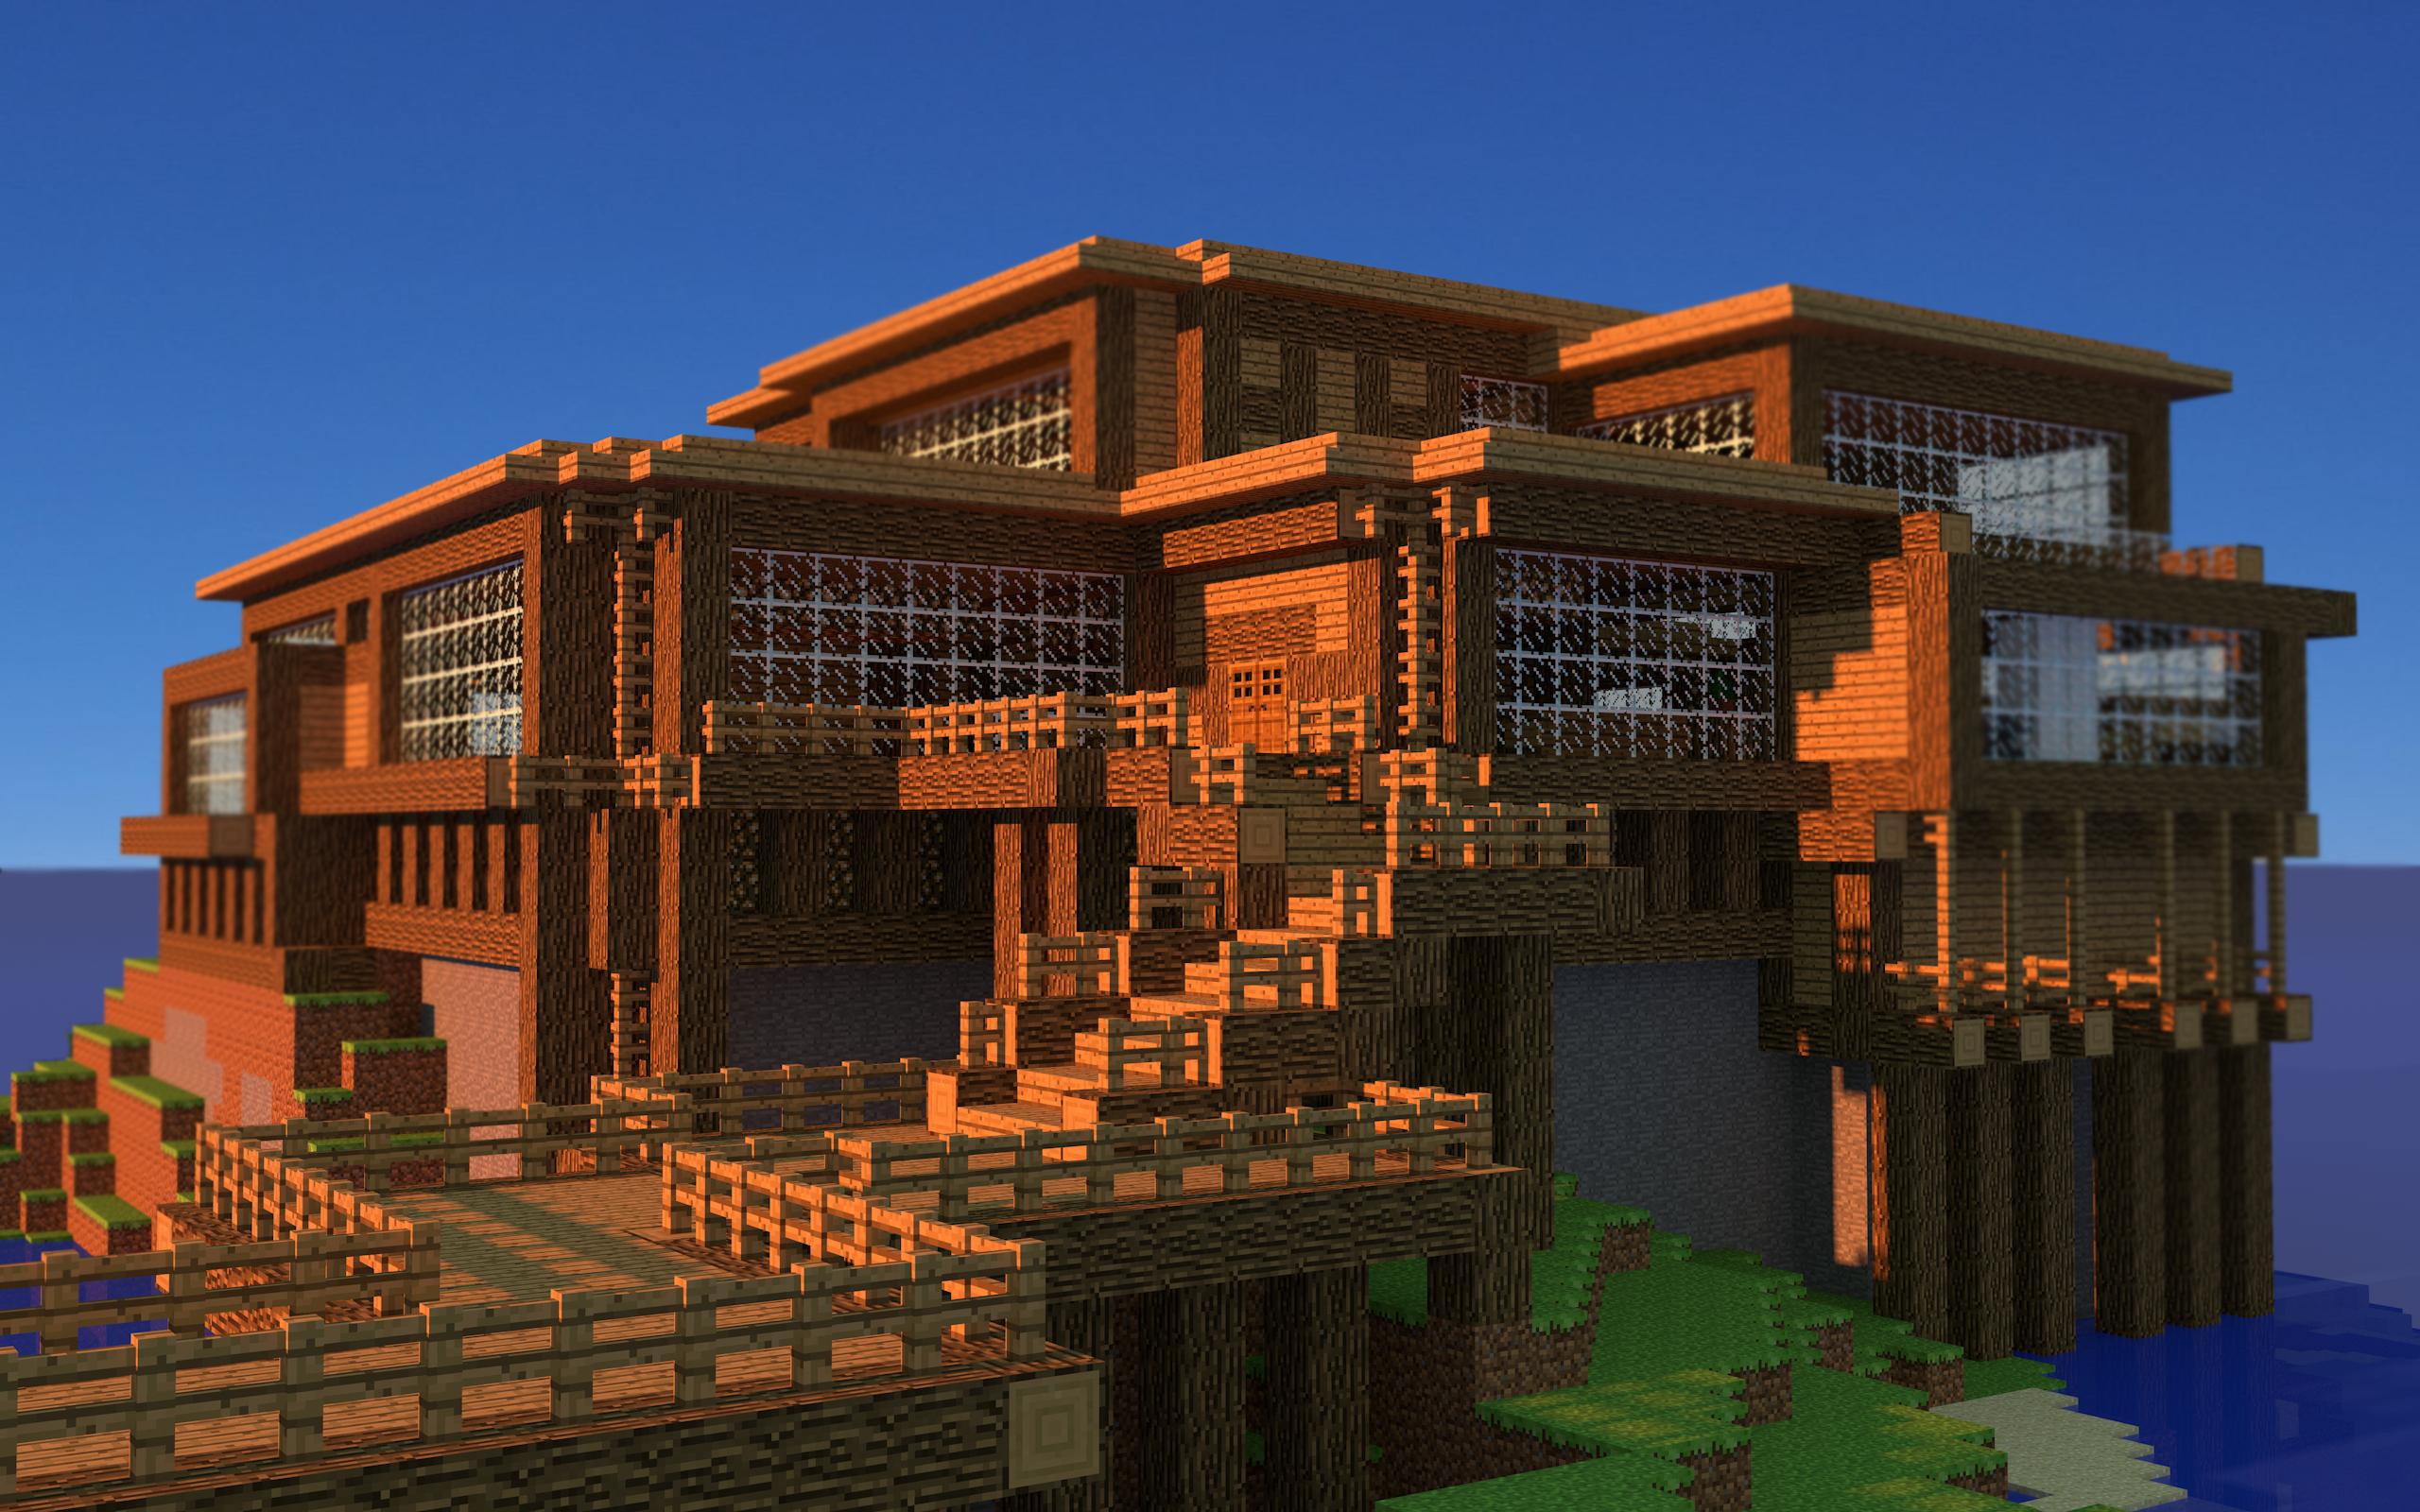 Minecraft Beach House Wallpaper 2560x1600